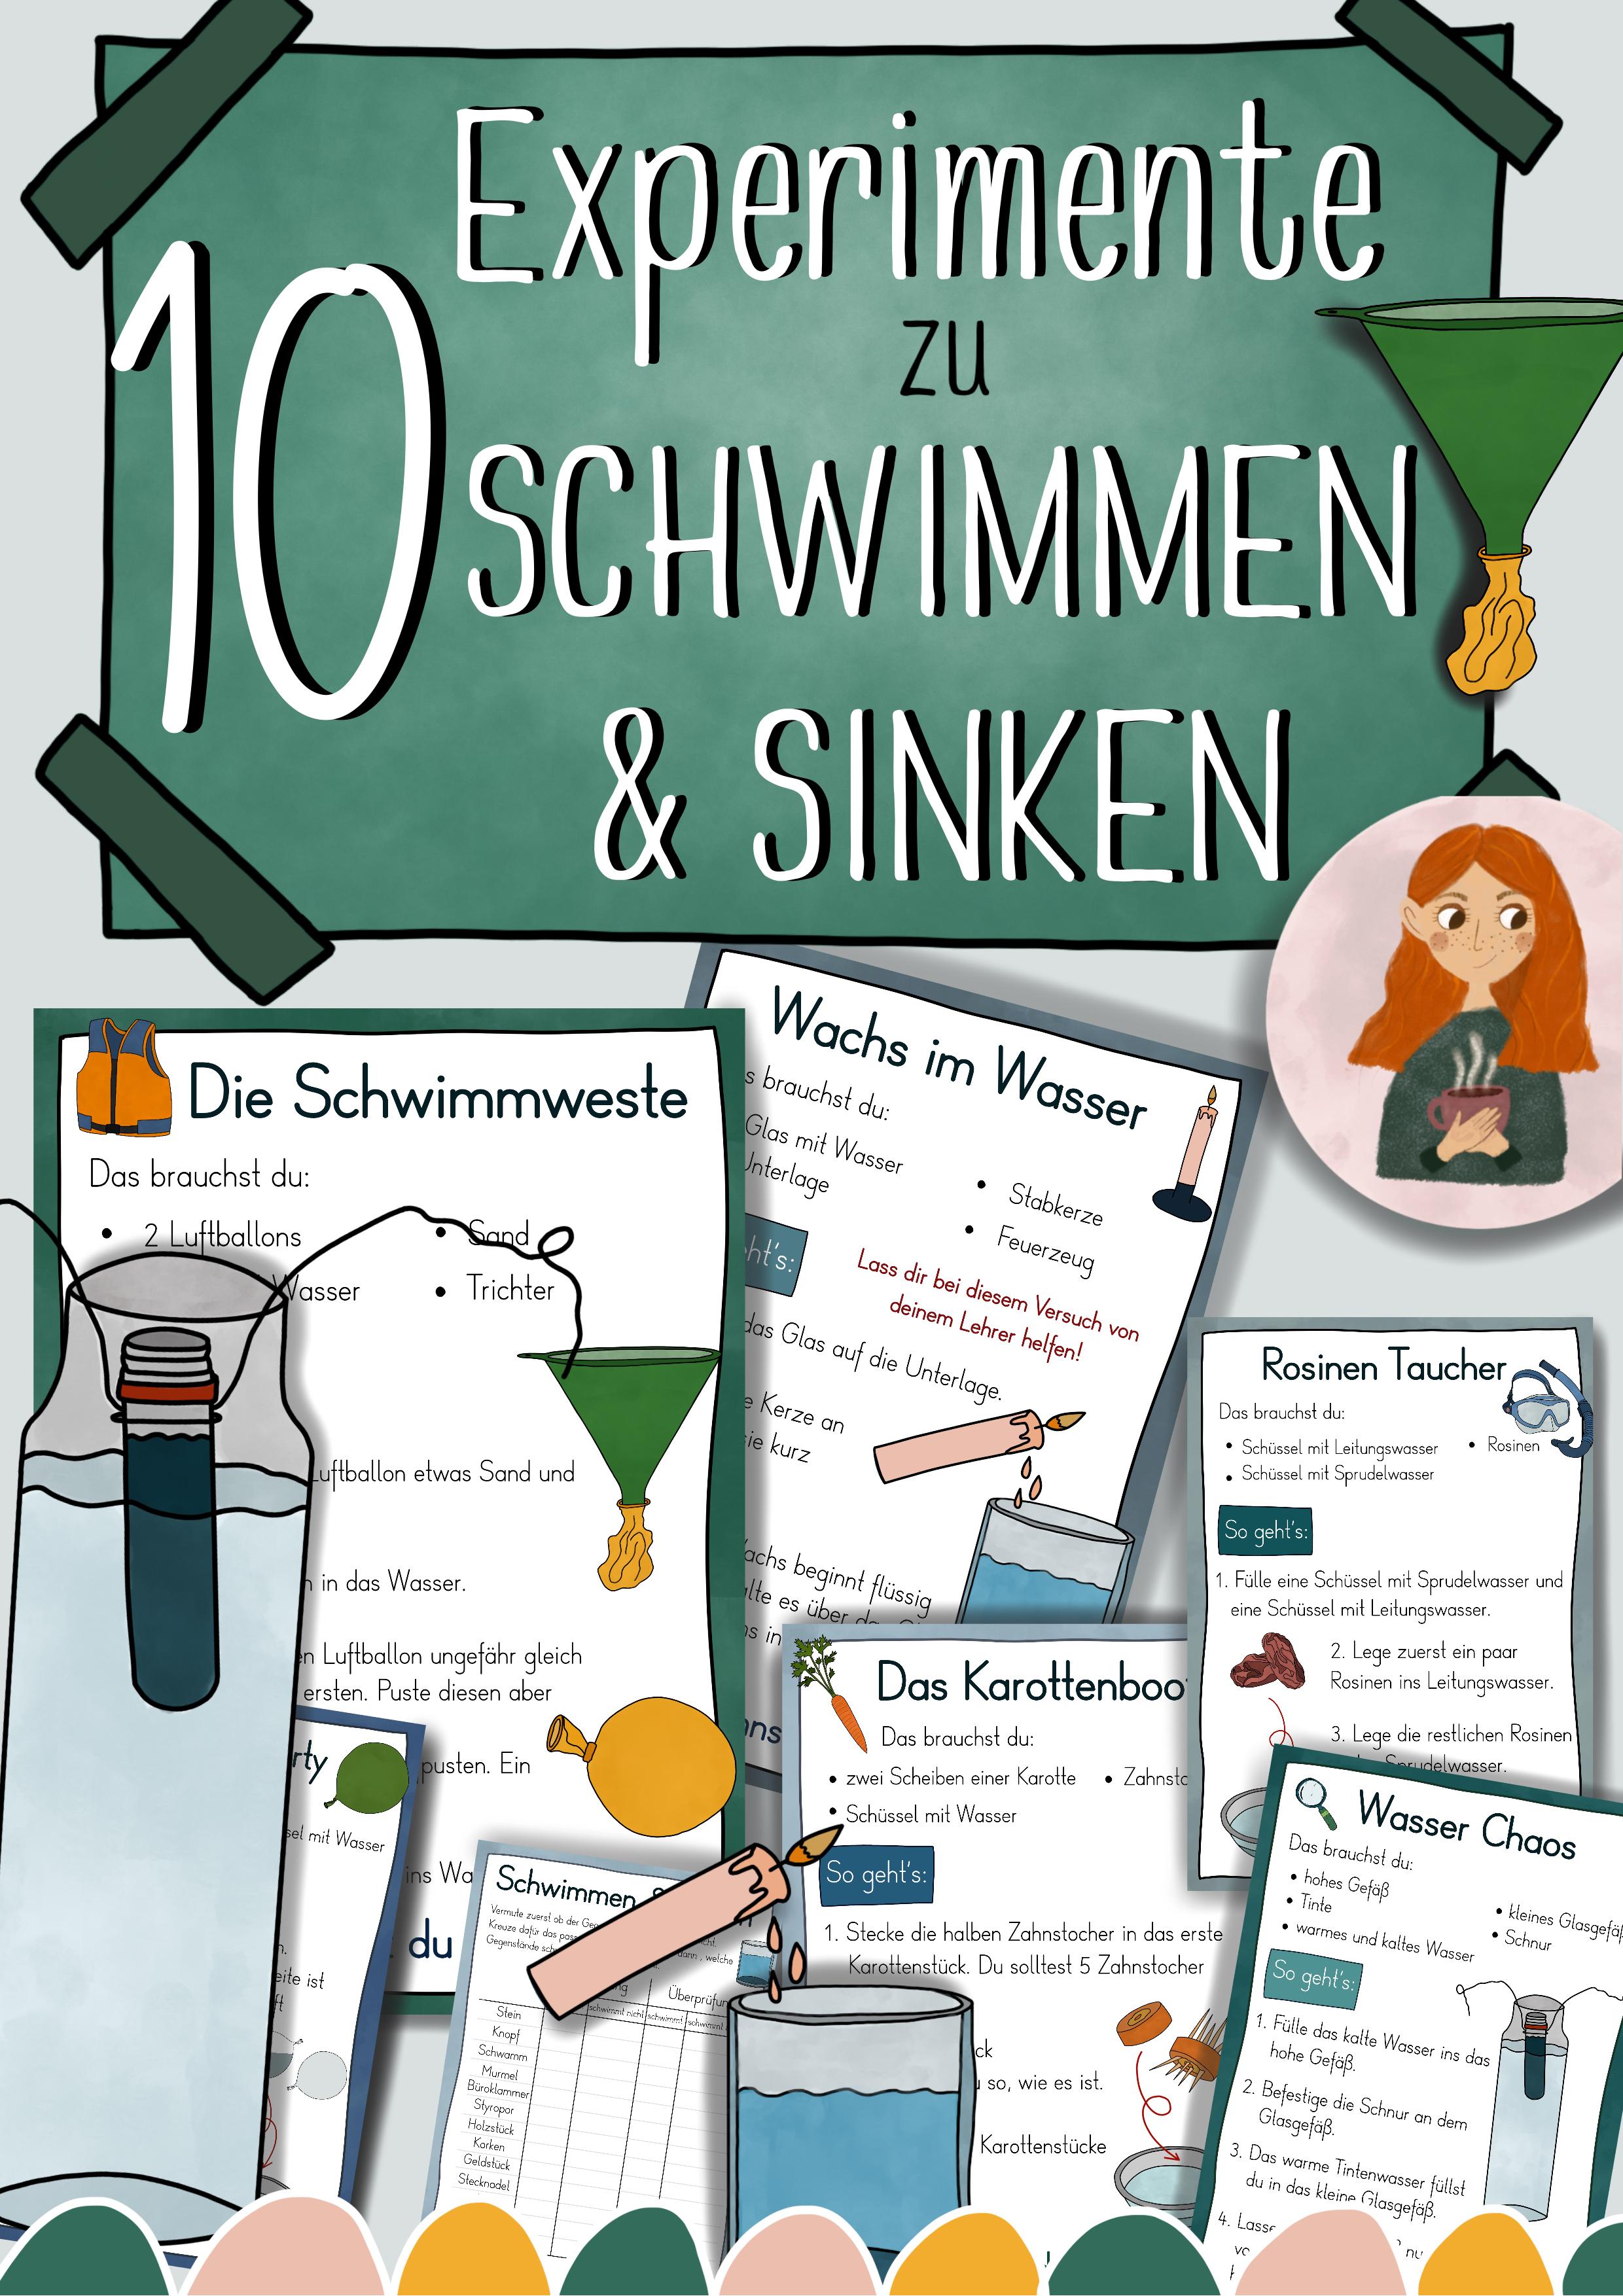 10 Experimente zu Schwimmen und Sinken - Anleitungen  Stationenkarten